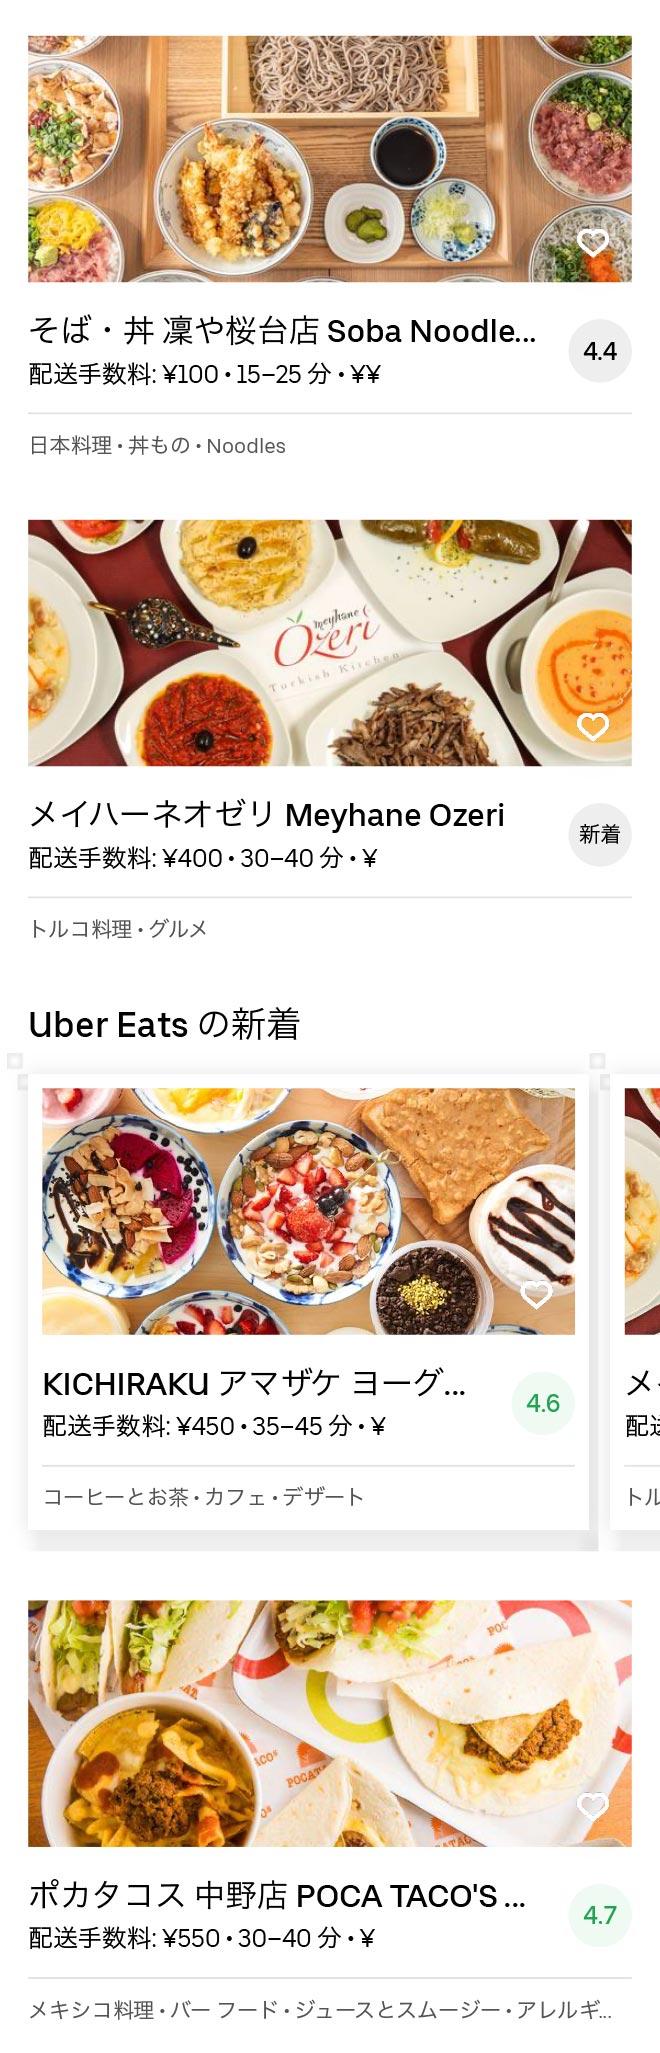 Tokyo nerima menu 2005 03